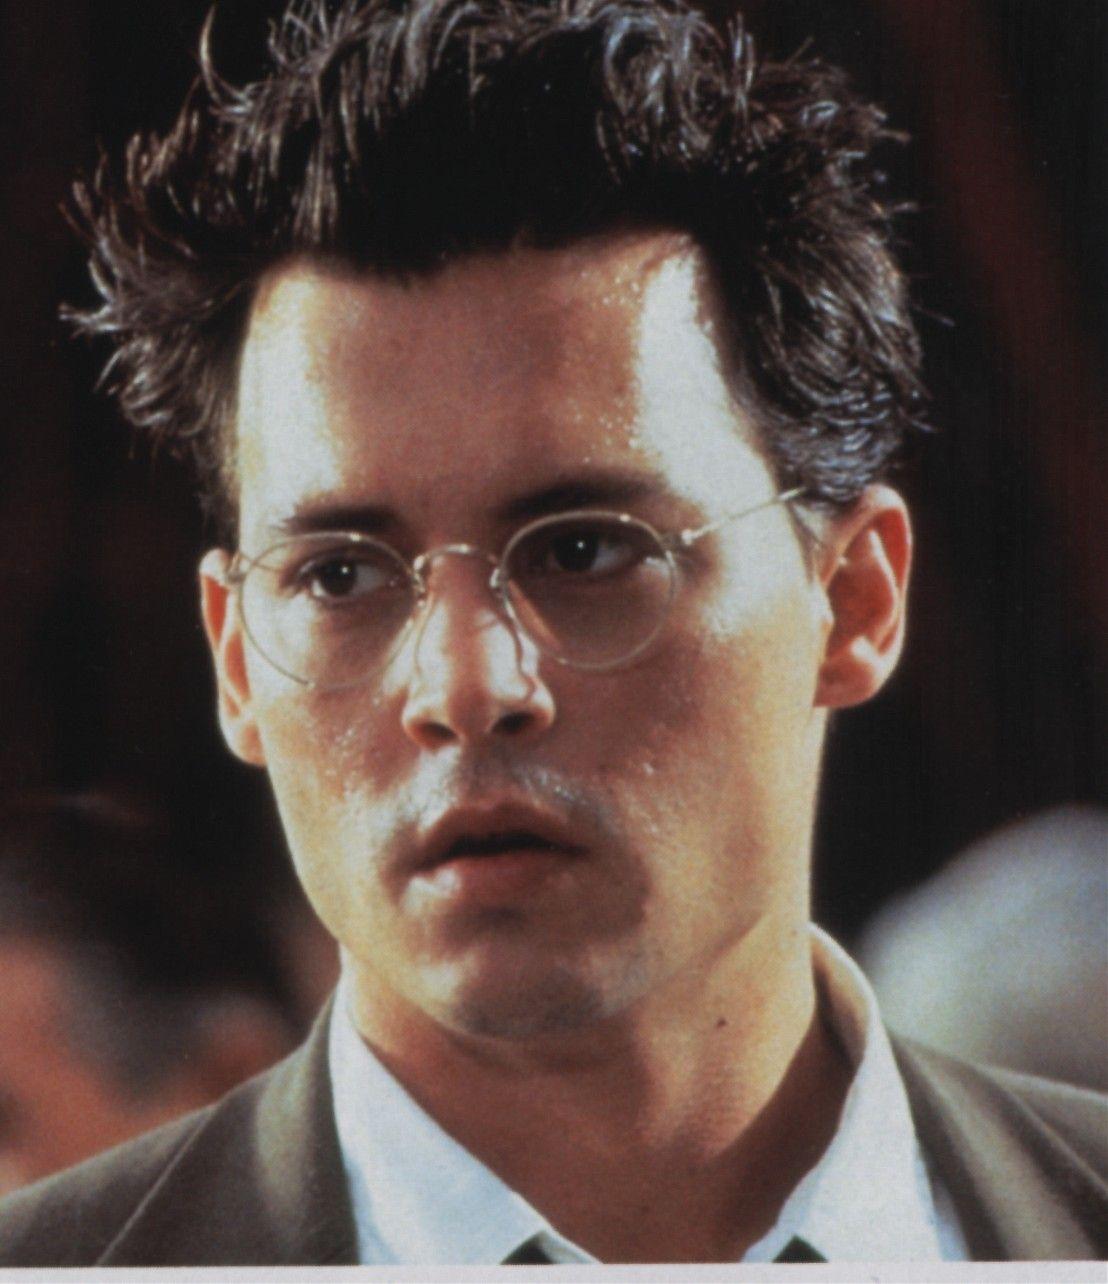 Johhny Depp in Nick of Time